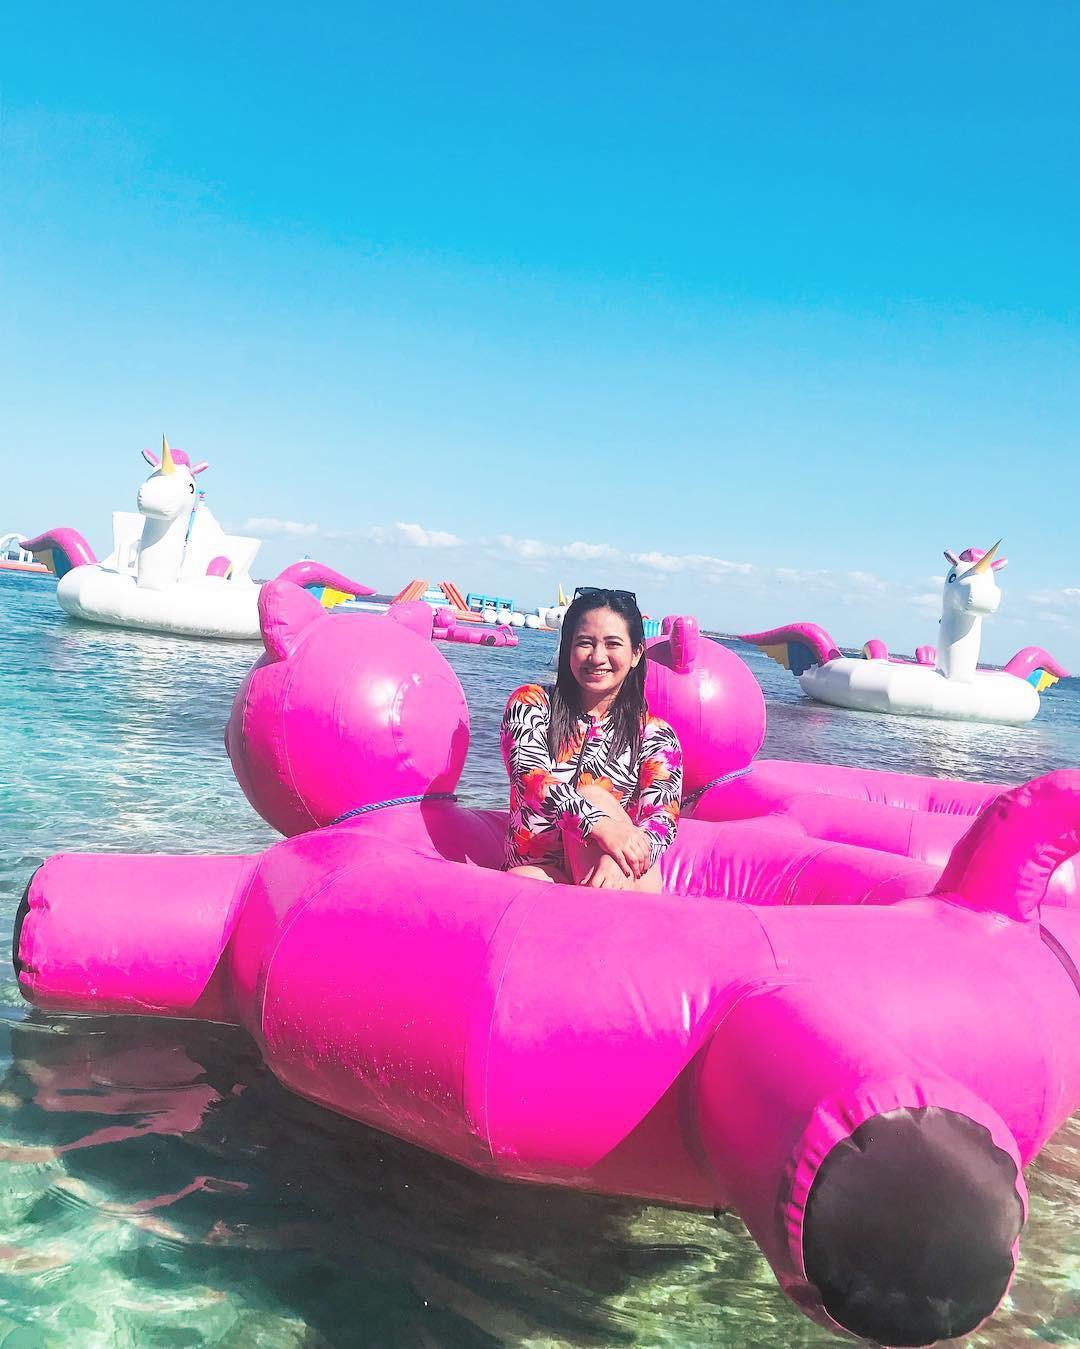 Ngất lịm với hàng trăm góc sống ảo xịn xò tại công viên phao nổi 7 sắc cầu vồng nổi tiếng nhất Philippines - Ảnh 13.